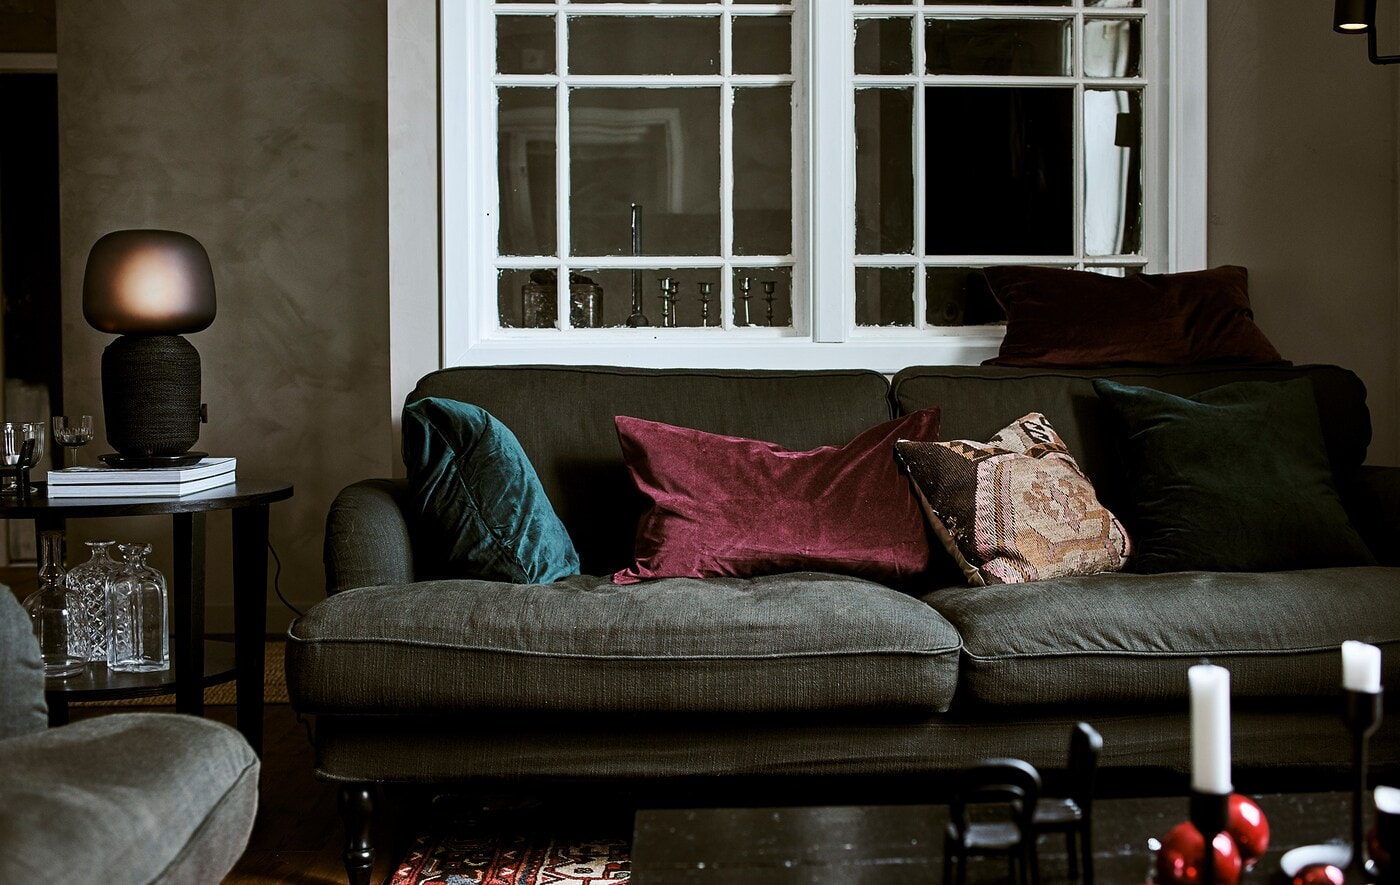 Grünes Sofa mit smaragdfarbenen Kissen in einem Wohnzimmer mit Fenster dahinter.